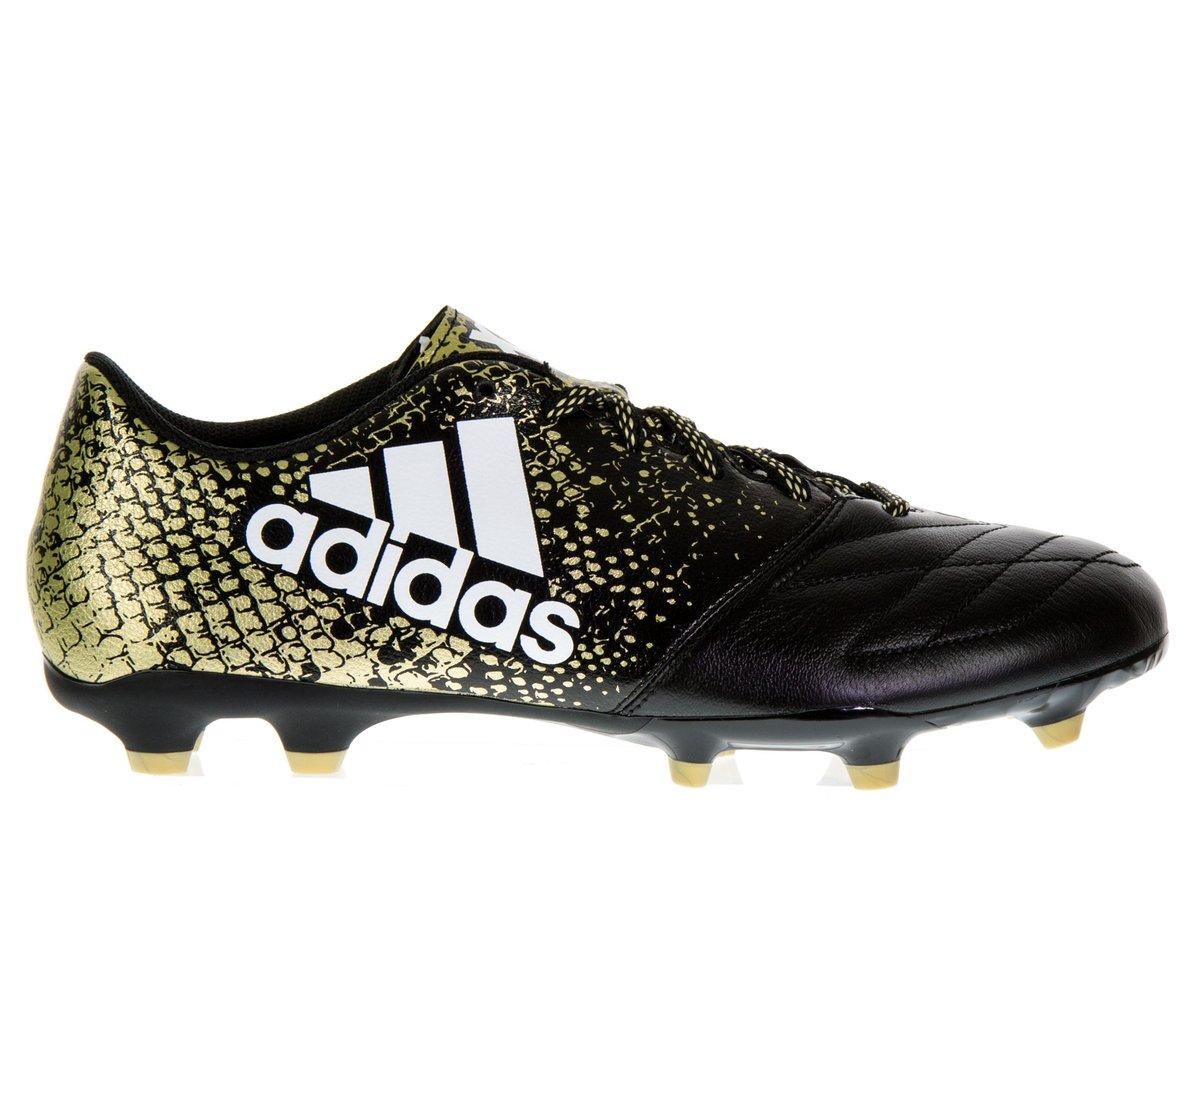 Zwart/Goud Voetbalschoen X 16.3 FG Leather BB4195